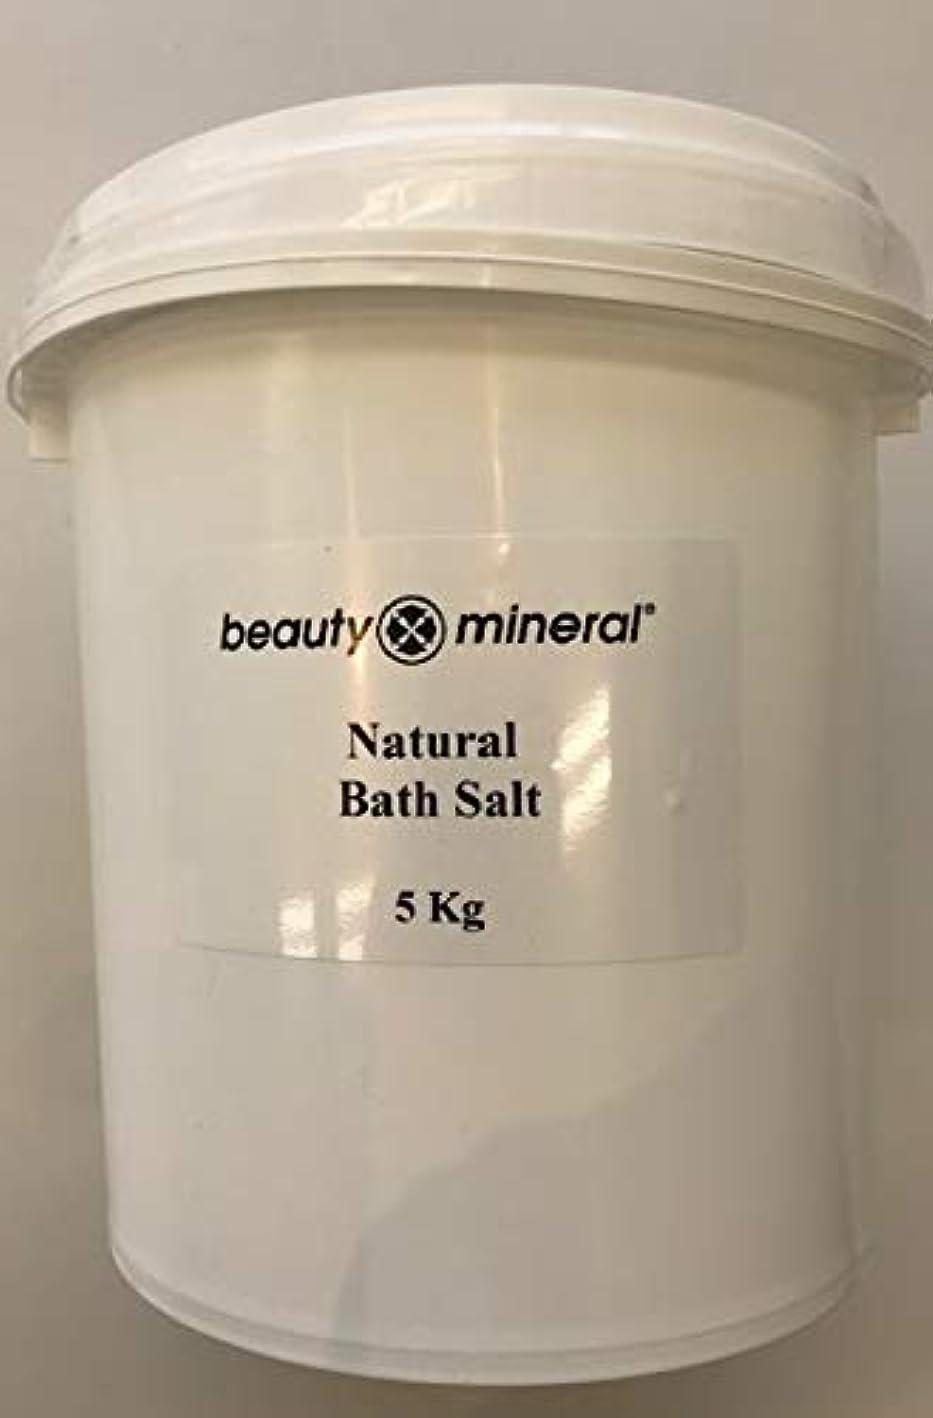 知覚的弁護士ユーモアBeauty Mineral デッドシー?バスソルト(ナチュラル)業務用 5kg